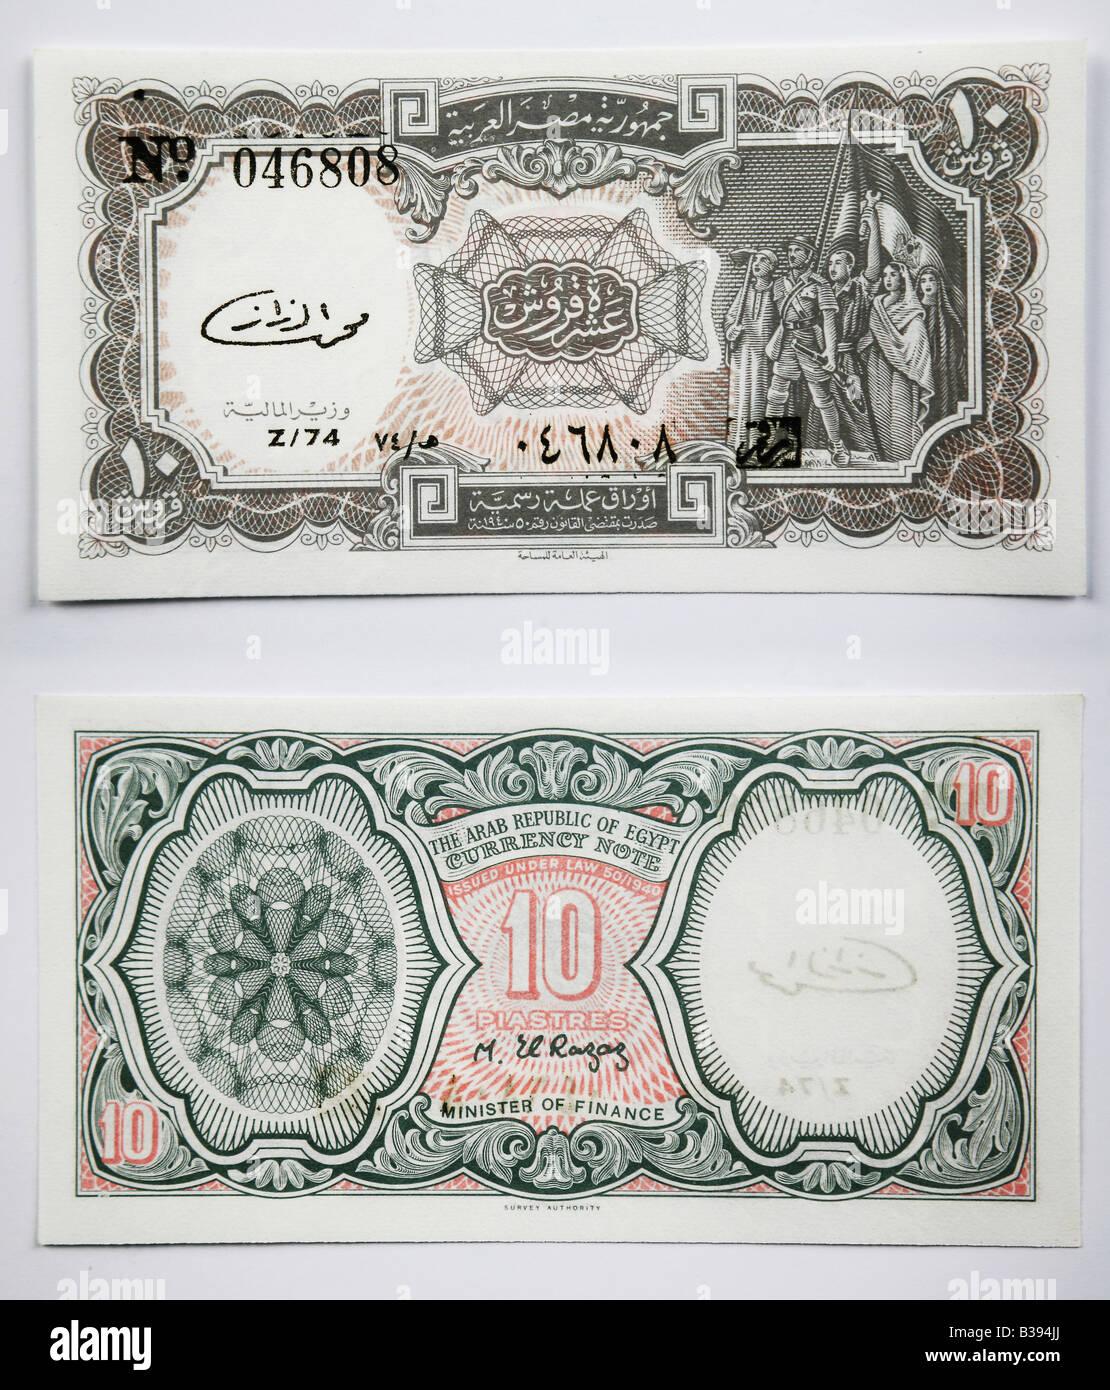 Livre Egyptienne Billets De Banque De L Egypte Banque D